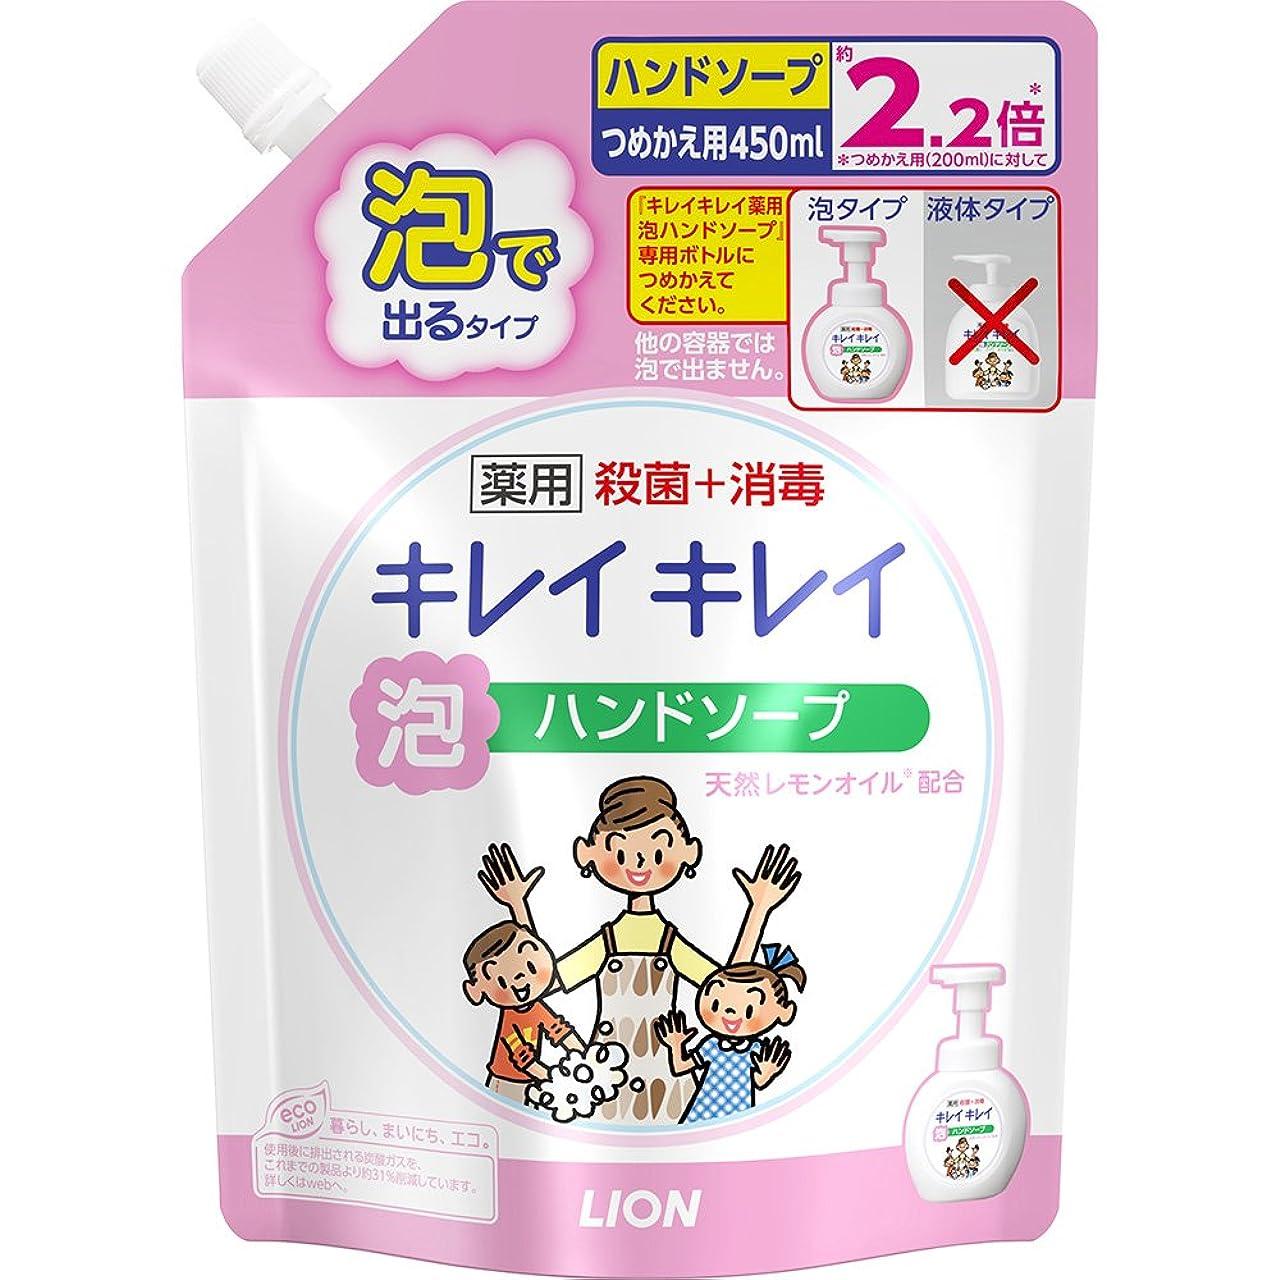 パール示す良心キレイキレイ 薬用 泡ハンドソープ シトラスフルーティの香り 詰め替え 450ml(医薬部外品)